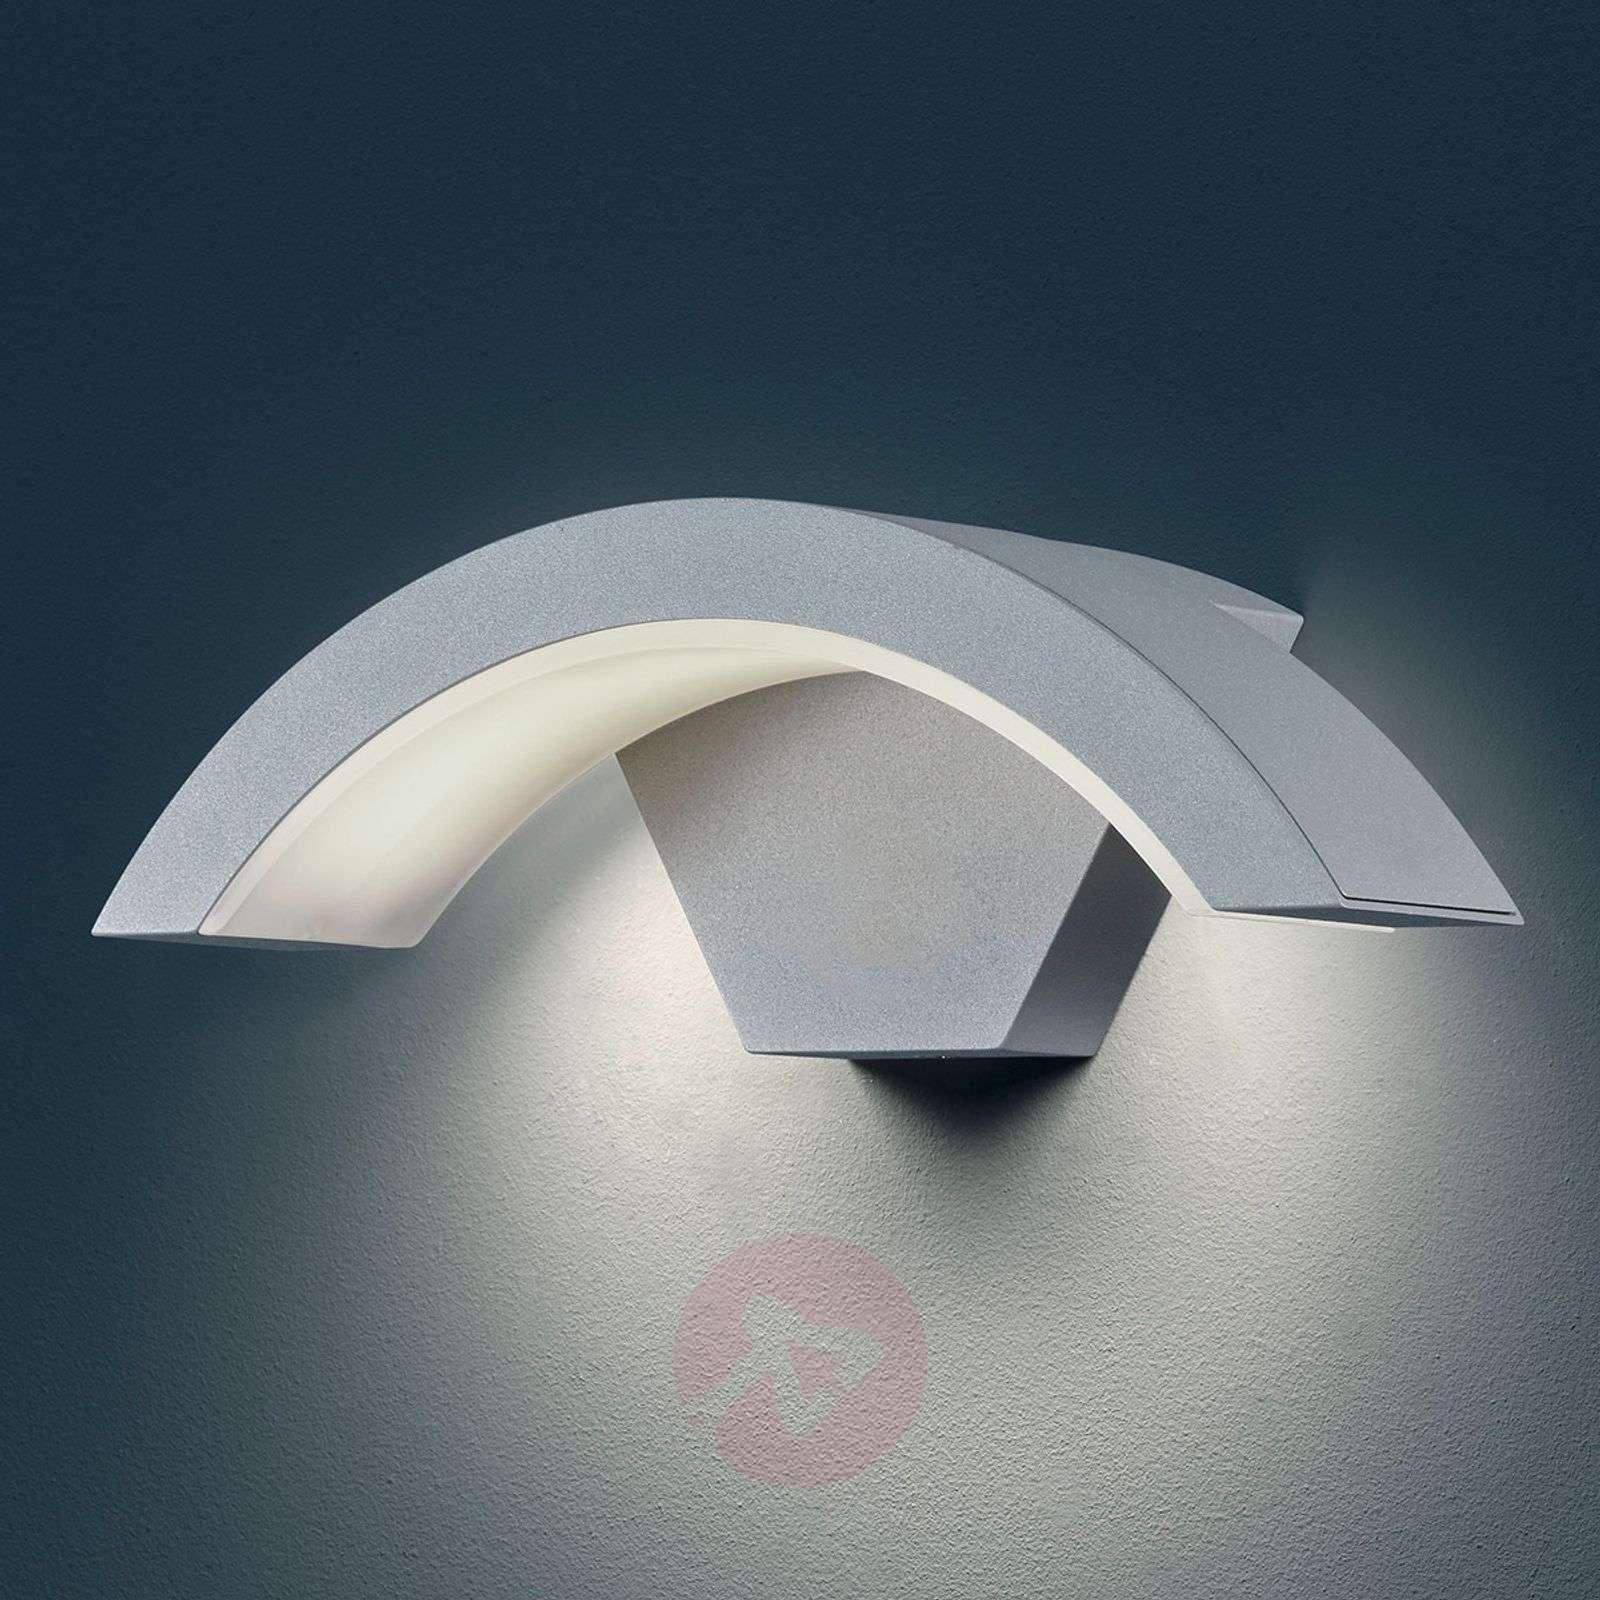 Ohio LED outdoor wall light, titanium colour-9004663-01